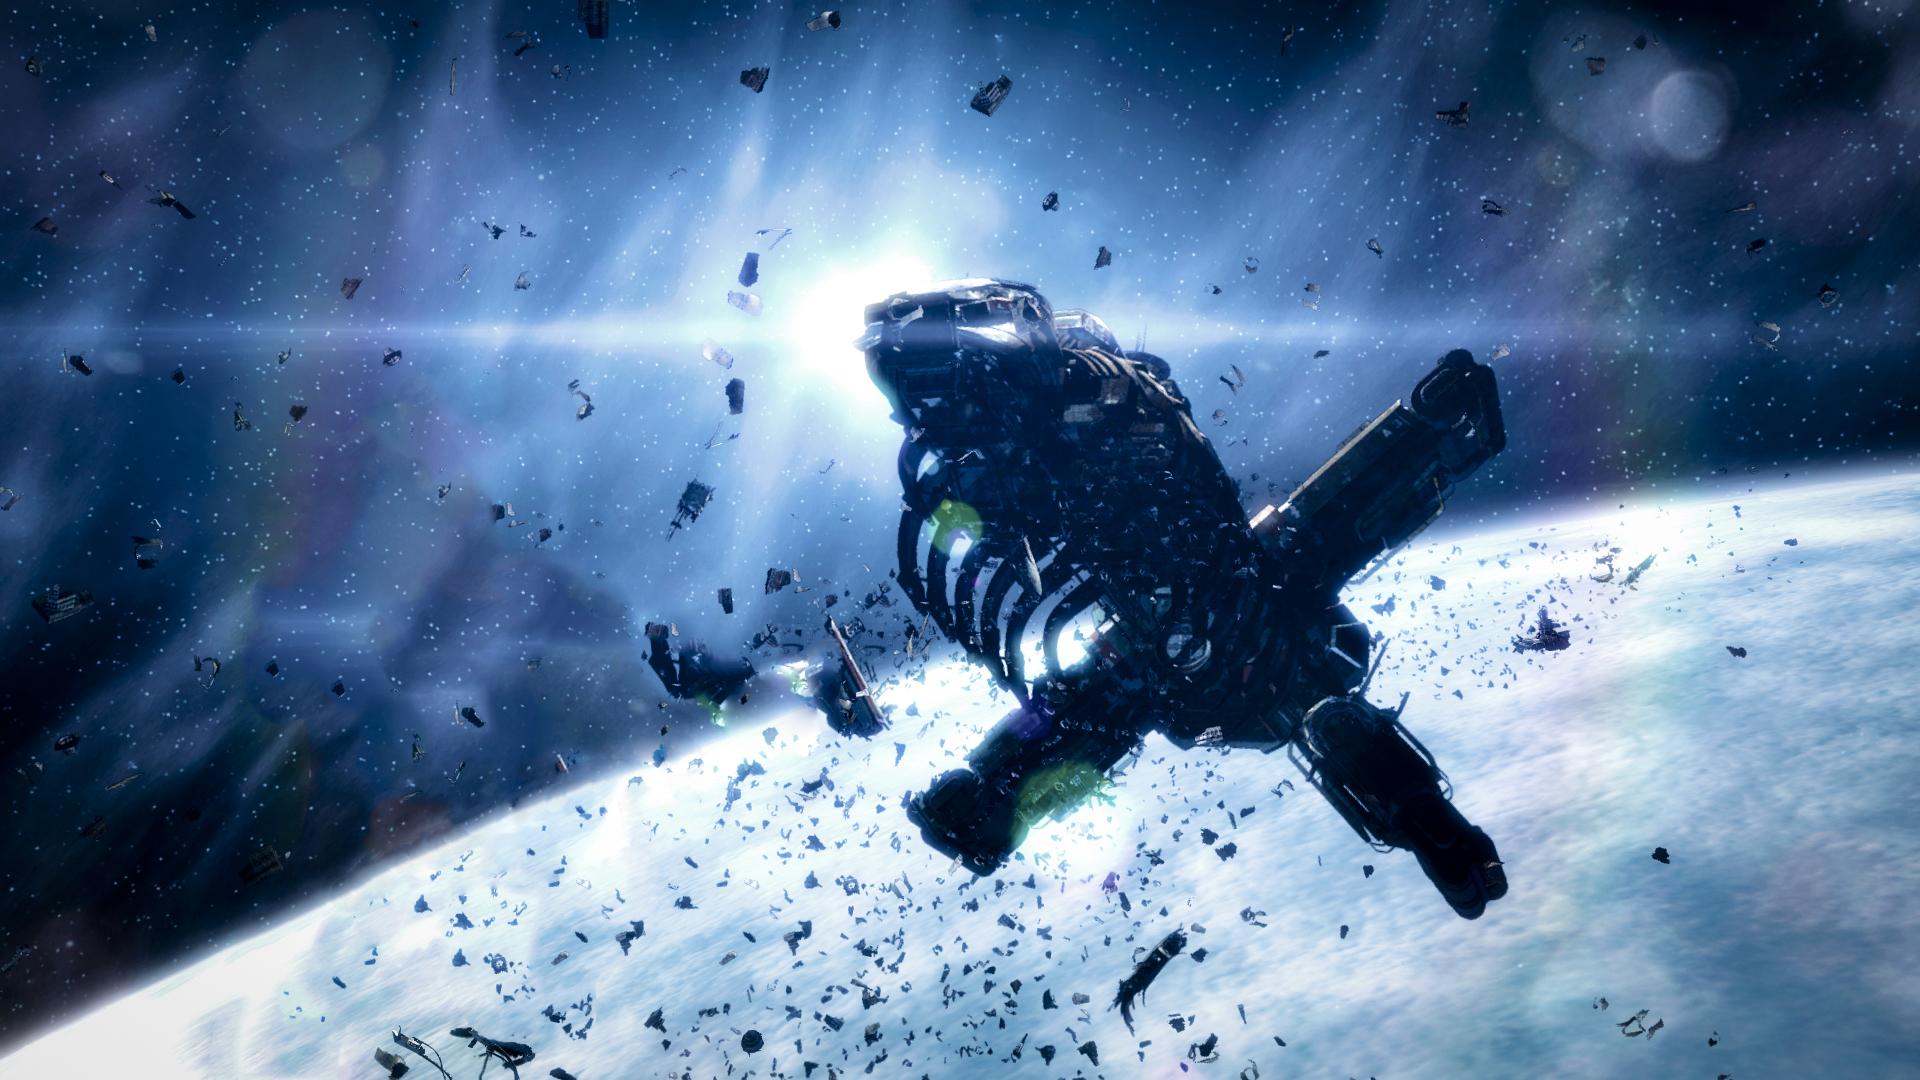 Dead Space 3 wallpaper - 1245100